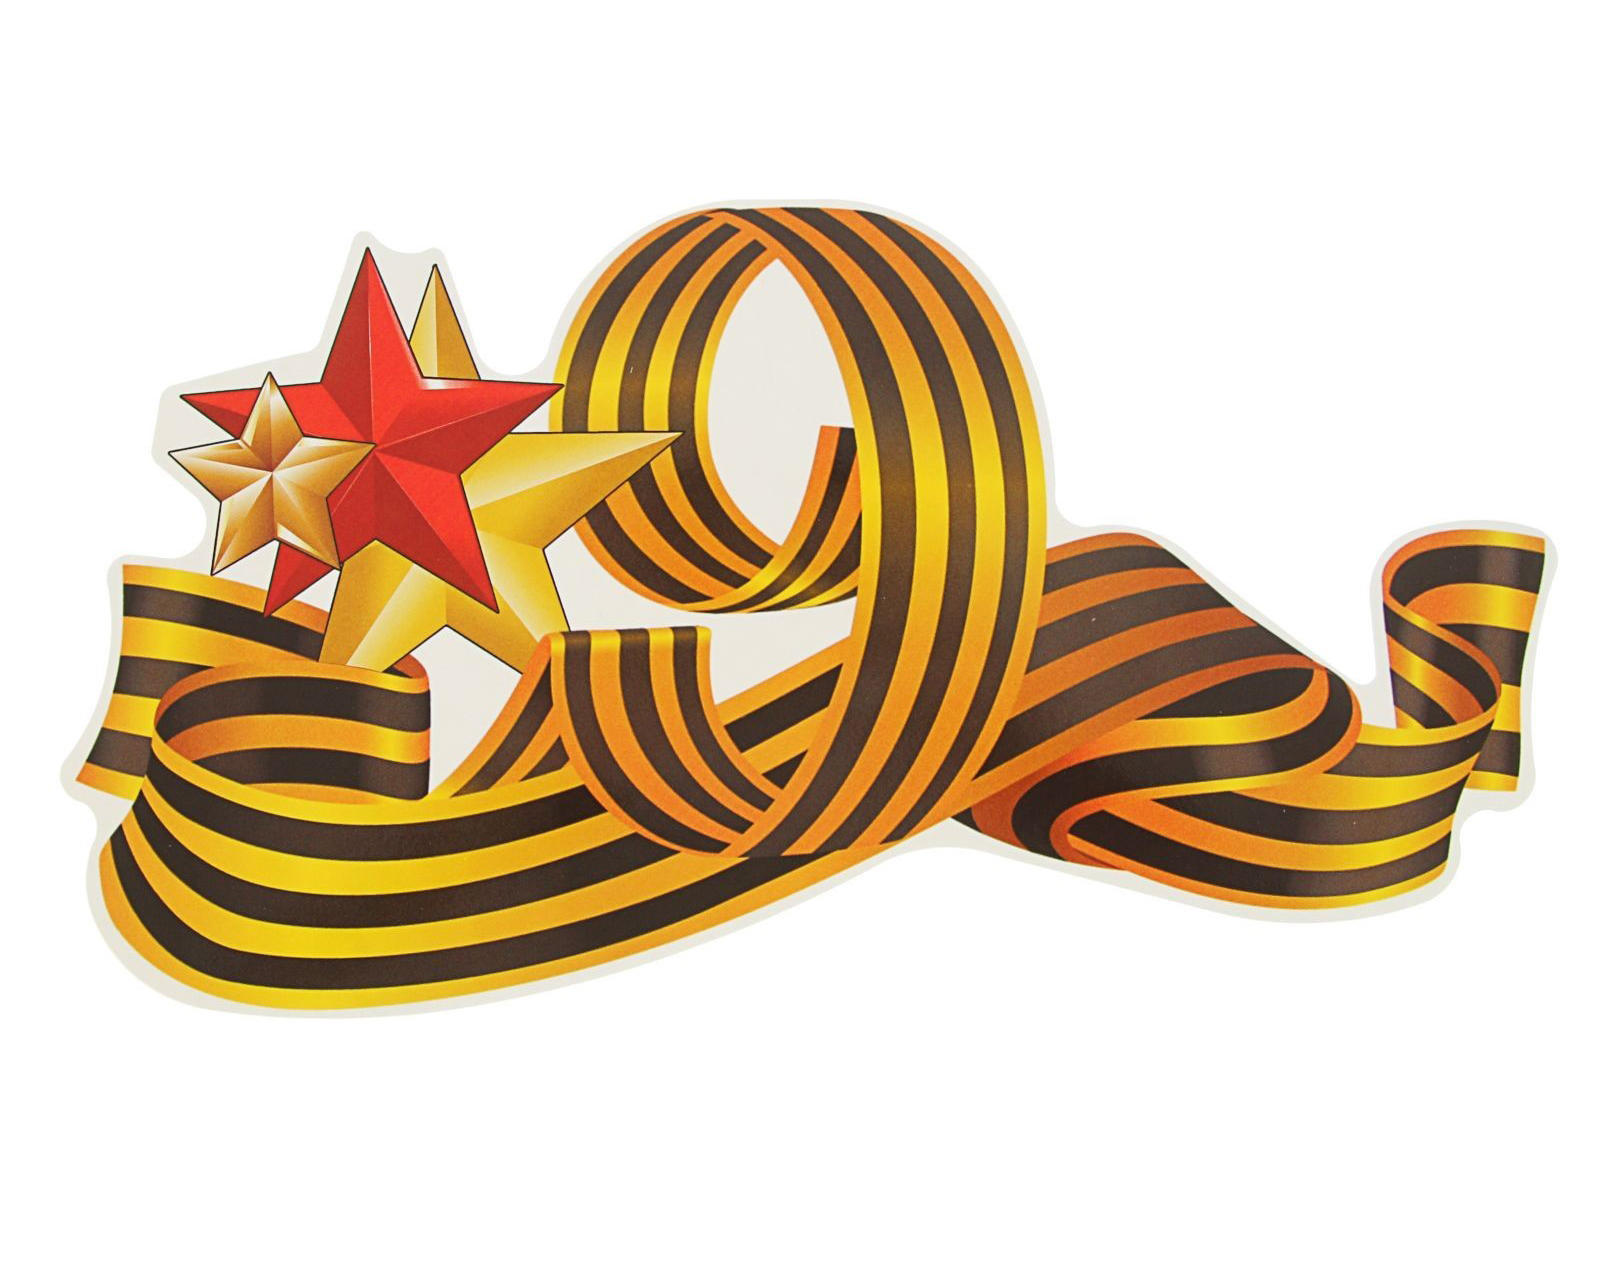 страницы картинка георгиевская лента без фона герб официальные